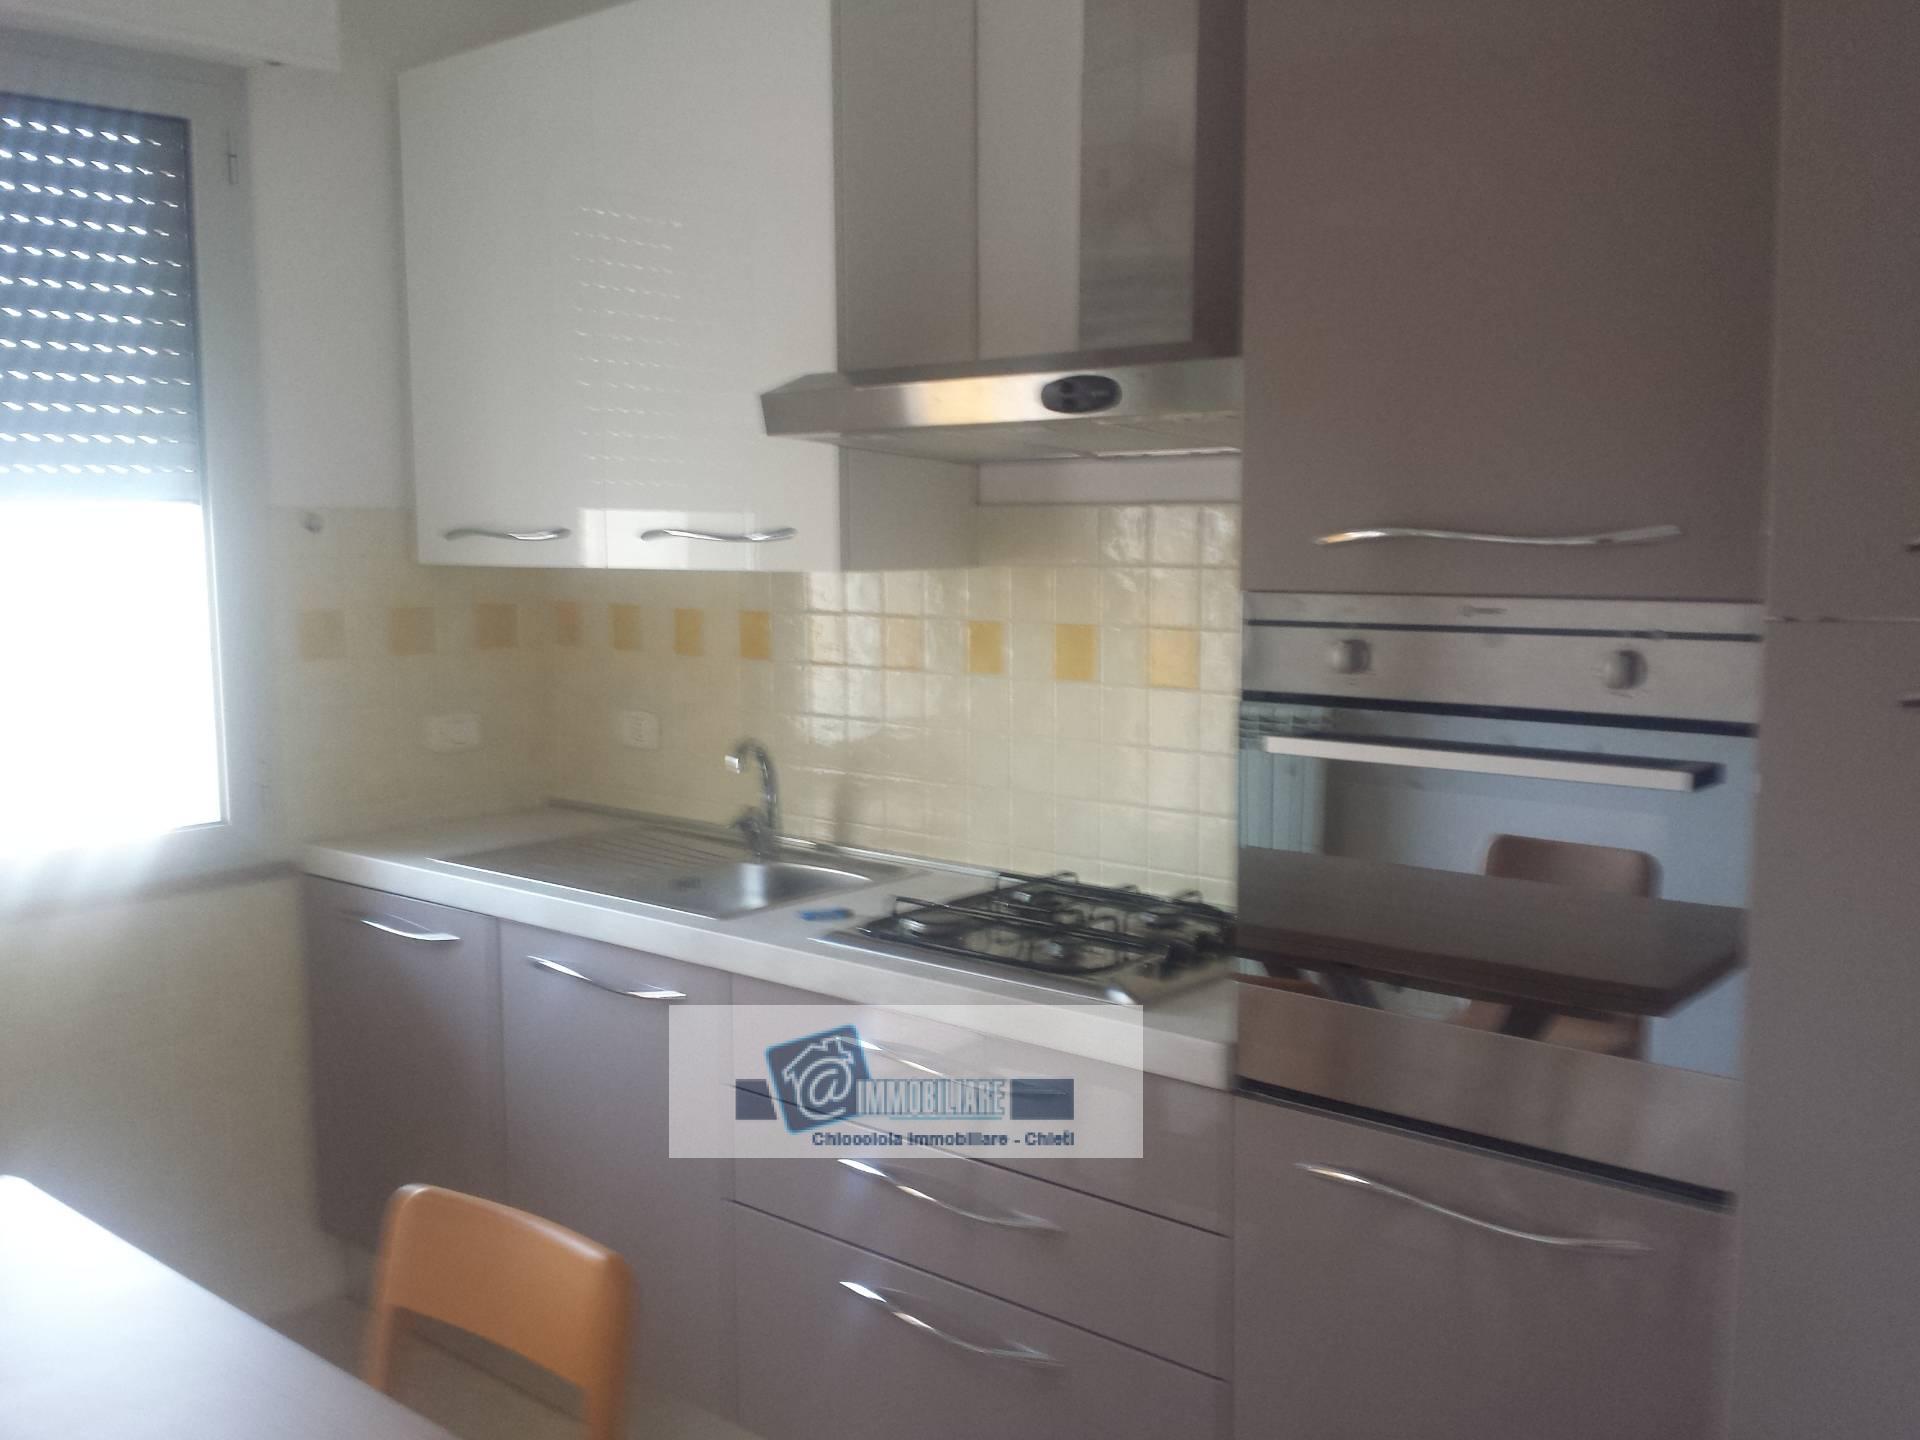 Appartamento in affitto a Chieti, 5 locali, zona Zona: Periferia, prezzo € 165.000   Cambio Casa.it